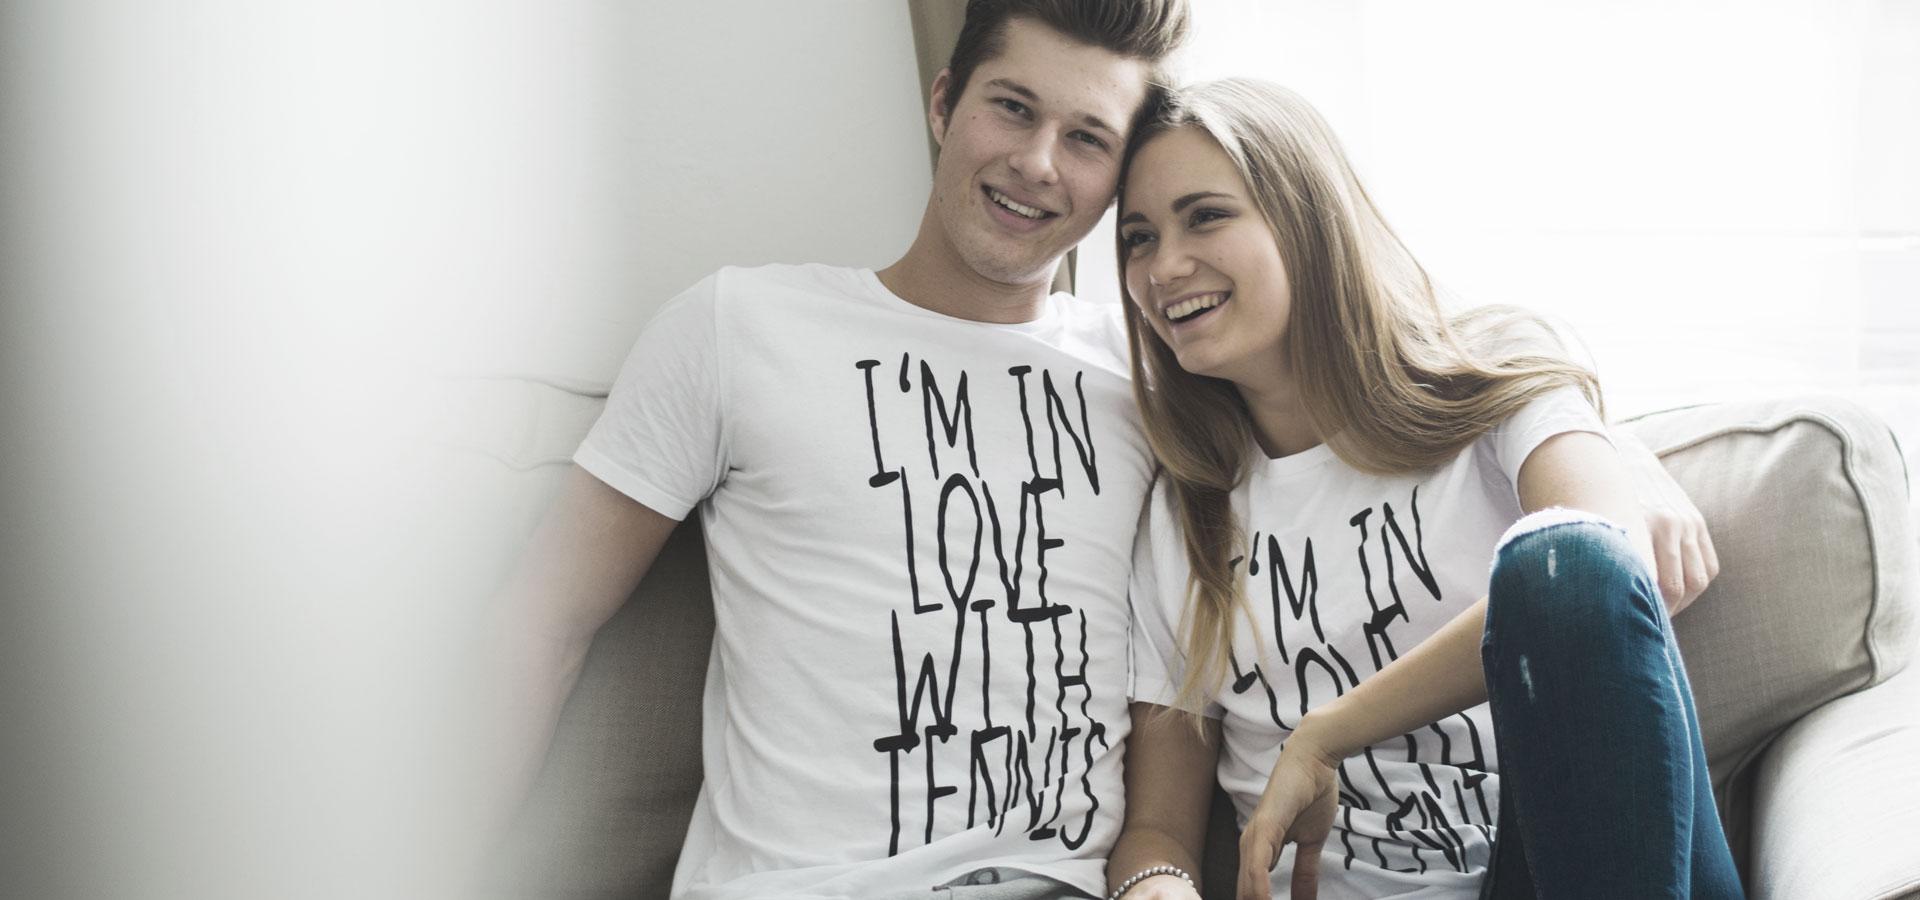 We are #inlovewithtennis